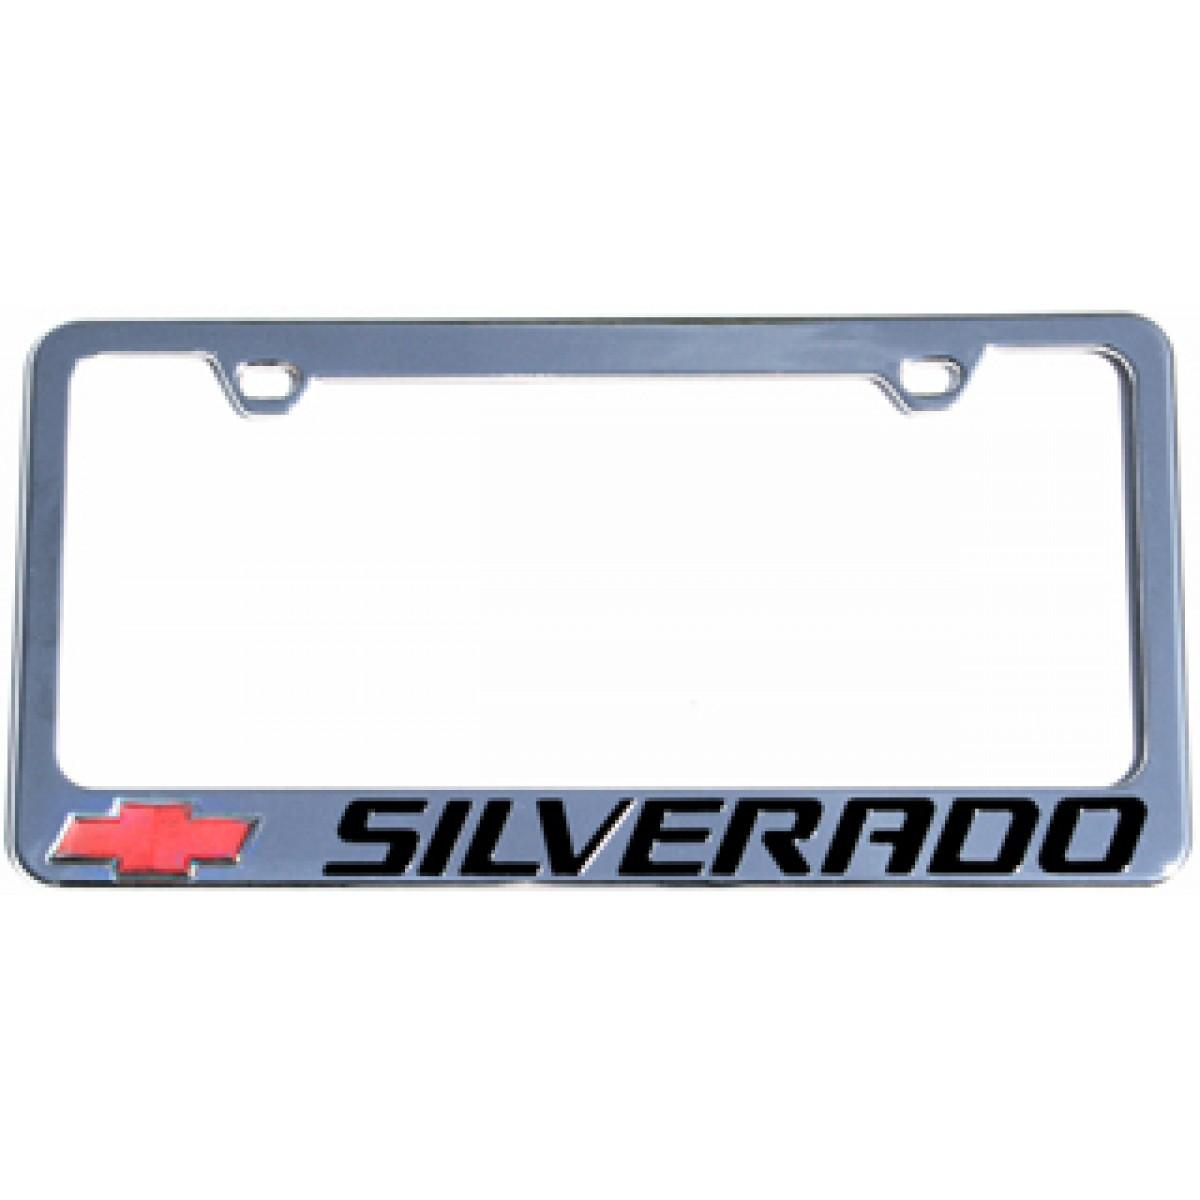 HossRods.com | Chevy Silverado License Plate Frame - License Plate ...